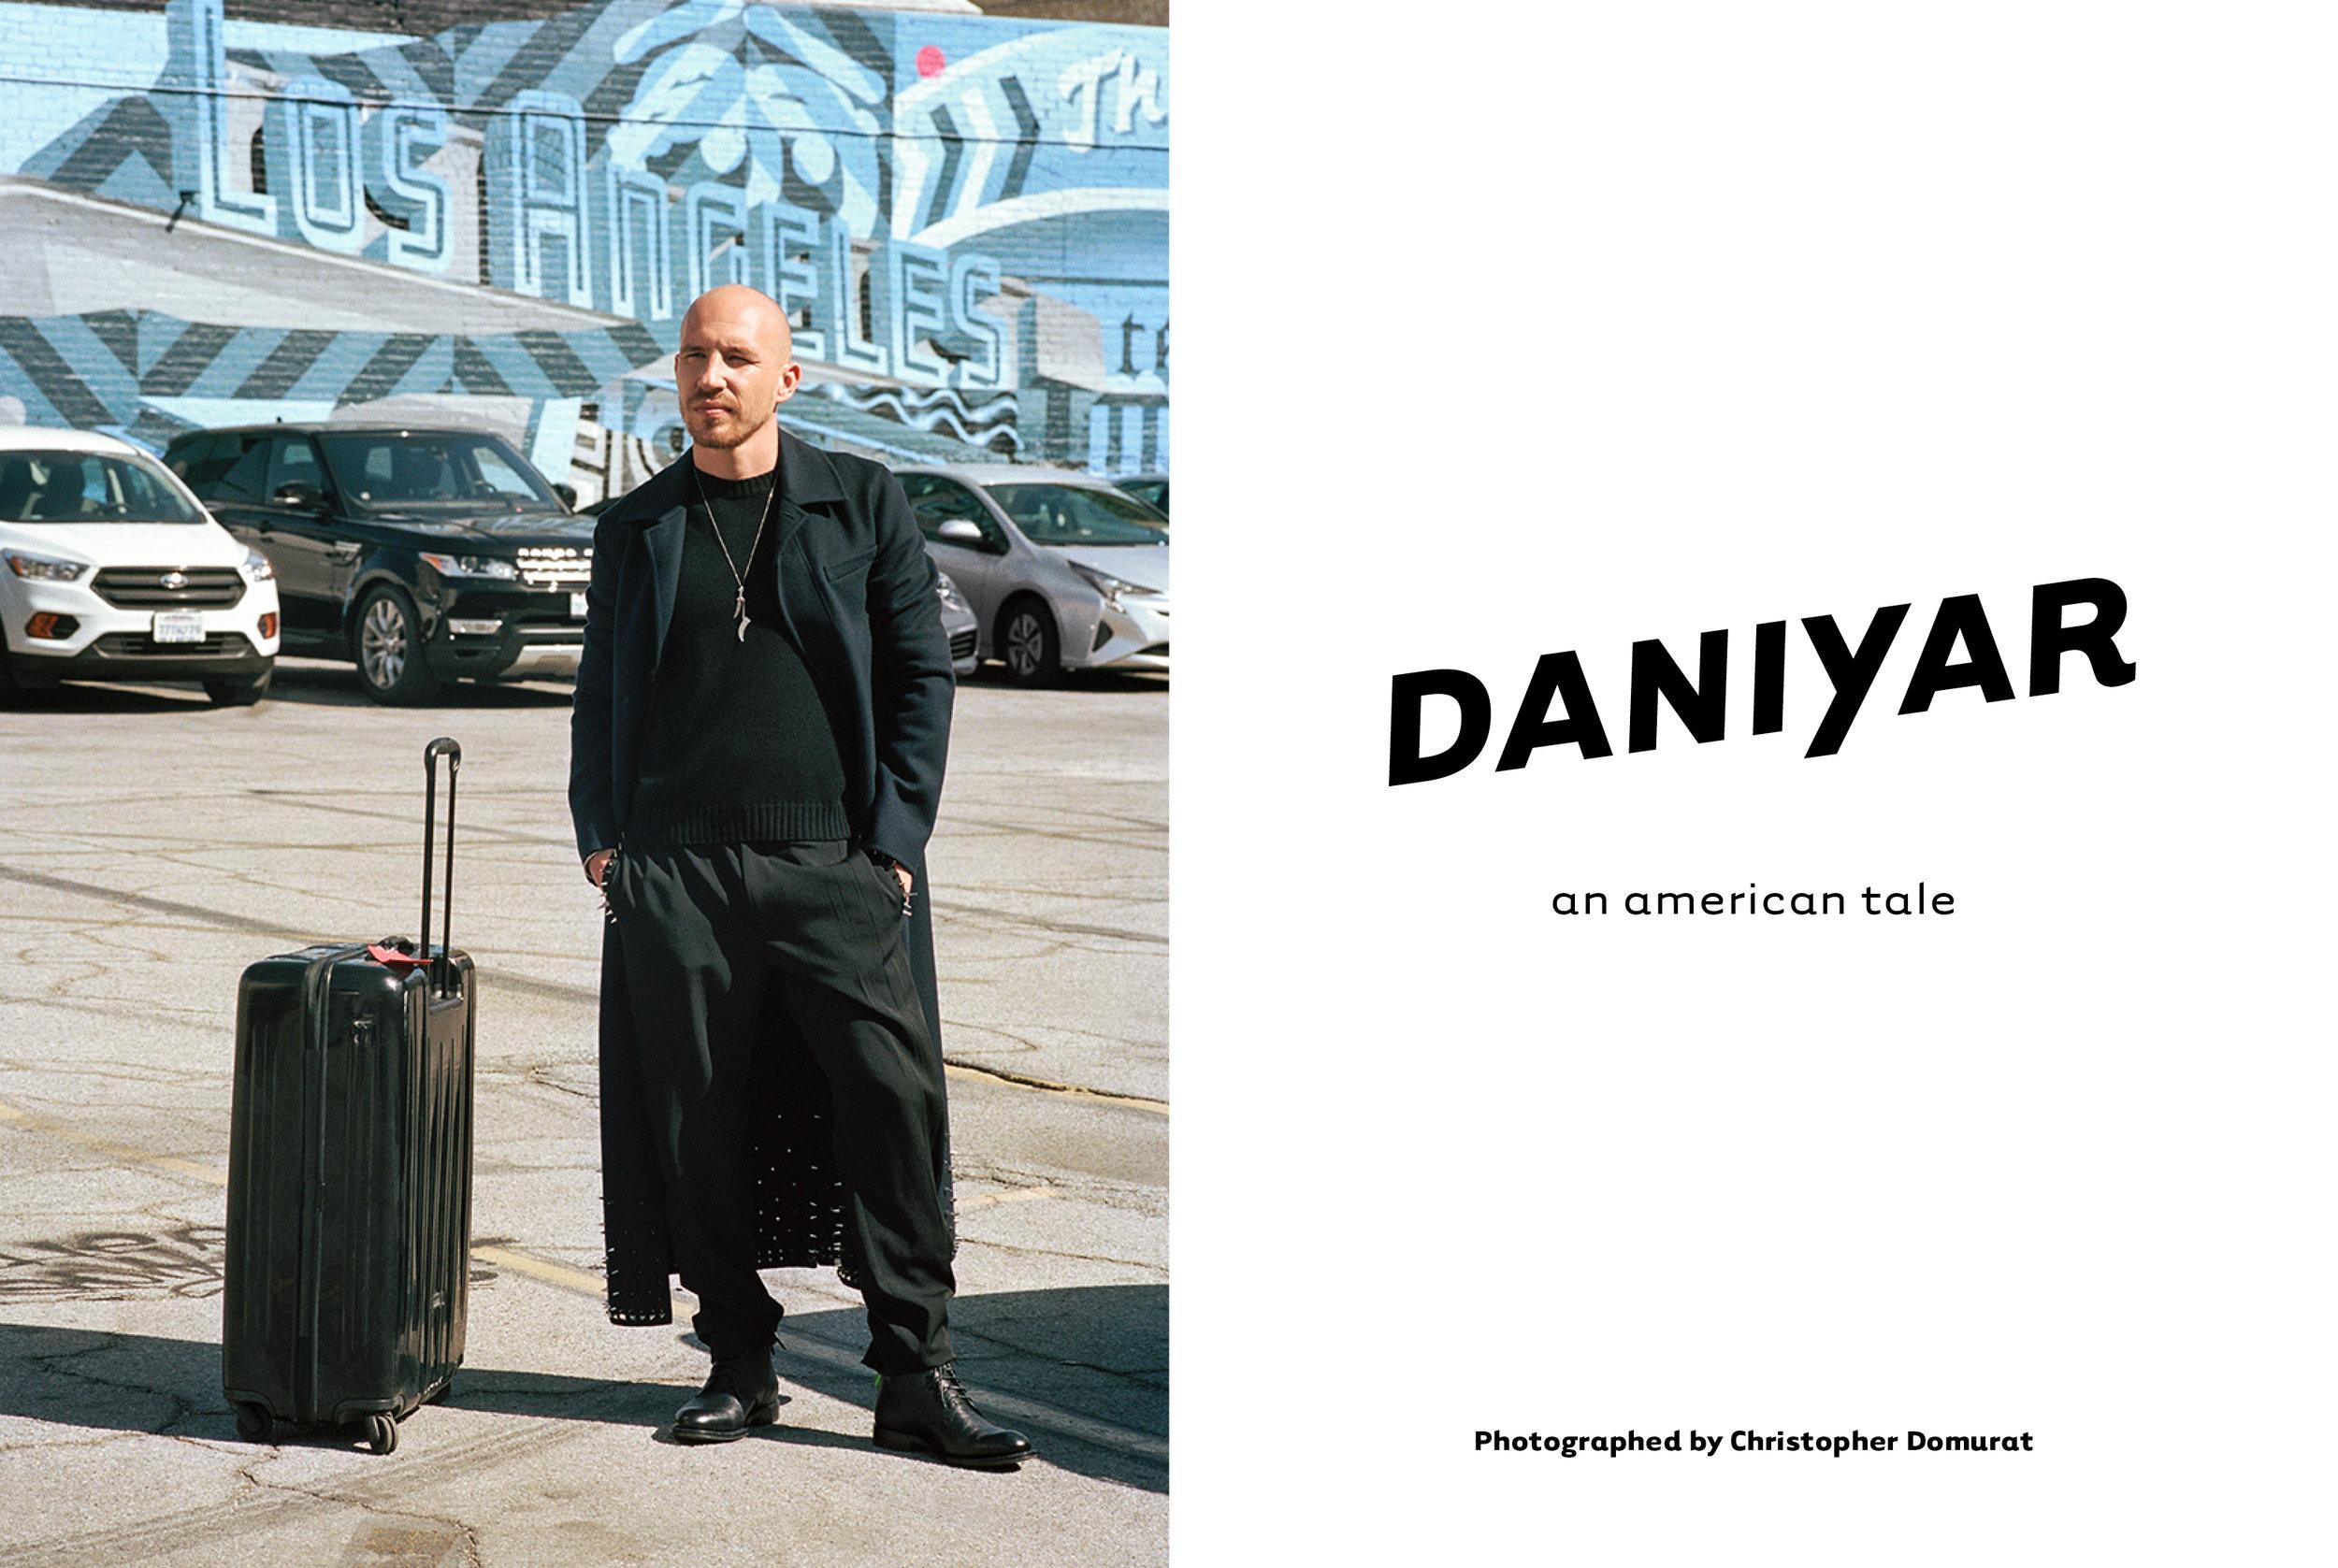 VMAN_Daniyar_by_Chris_Domurat.jpg